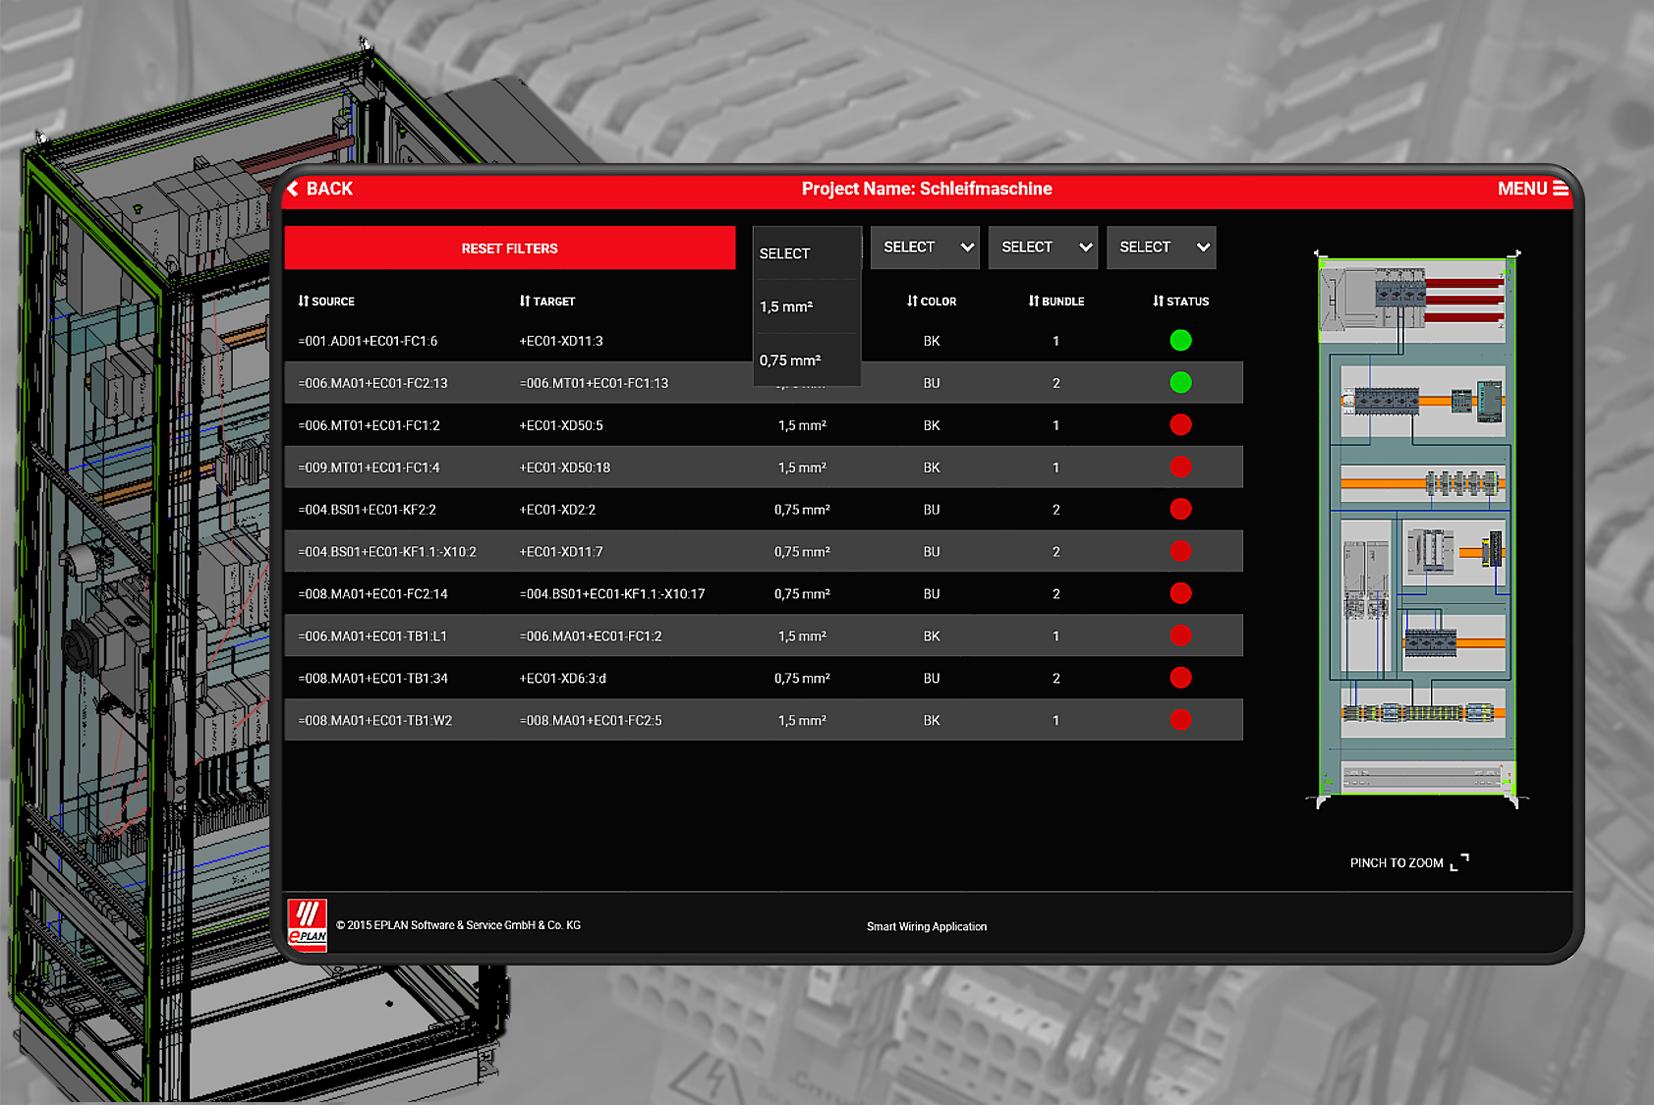 Aplikacja Smart Wiring Application krok po kroku dostarcza instrukcje dla panelu bazując na danych inżynieryjnych.